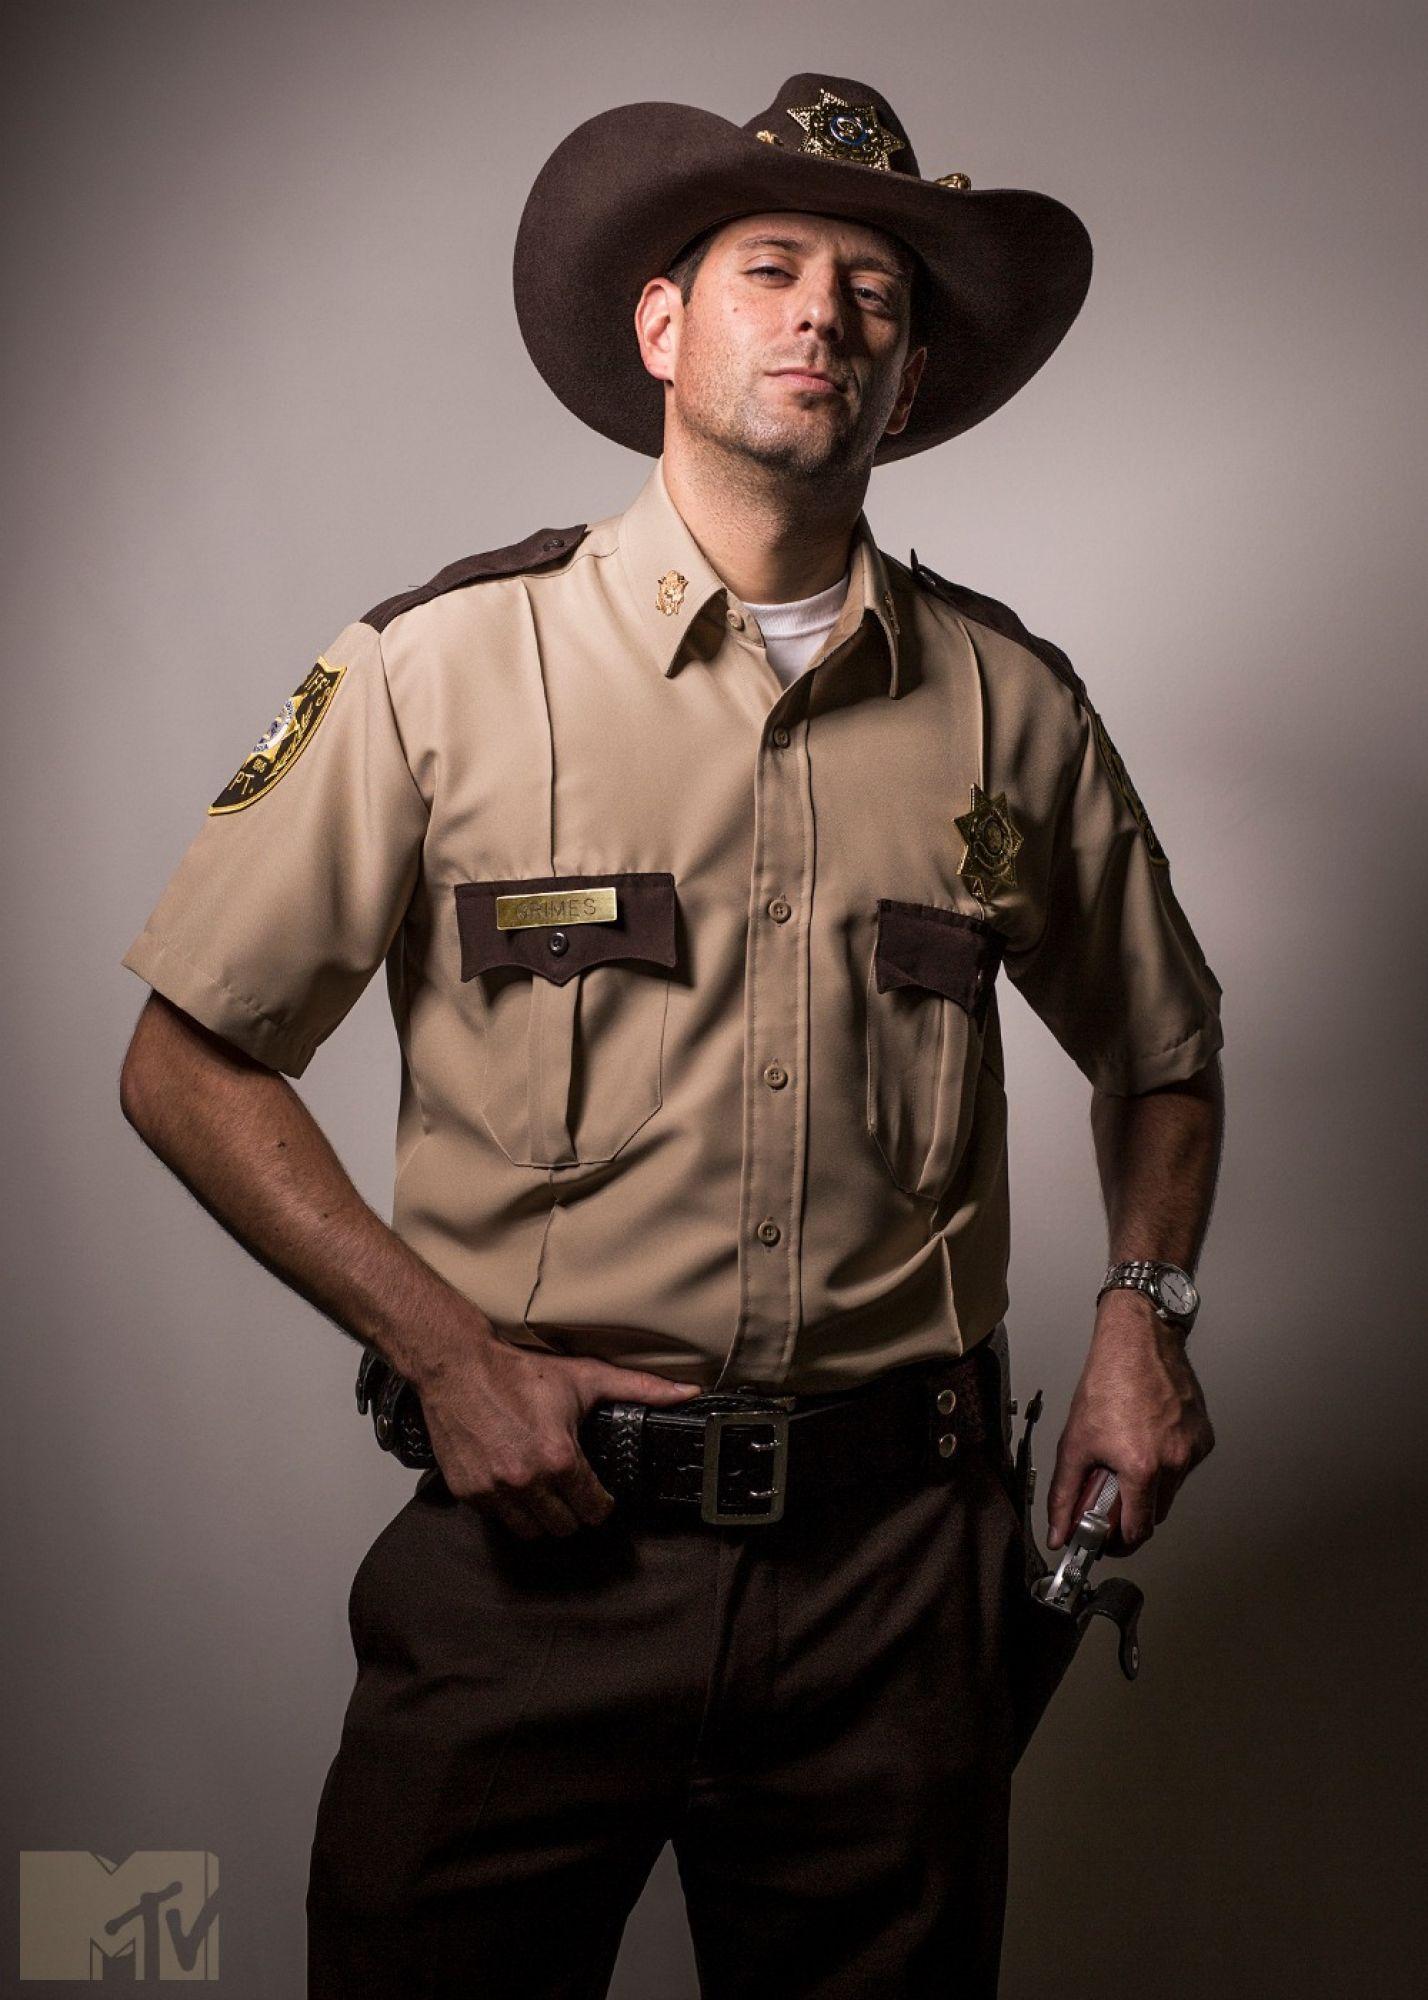 нас фото звезды шерифа копа америки днях, которые